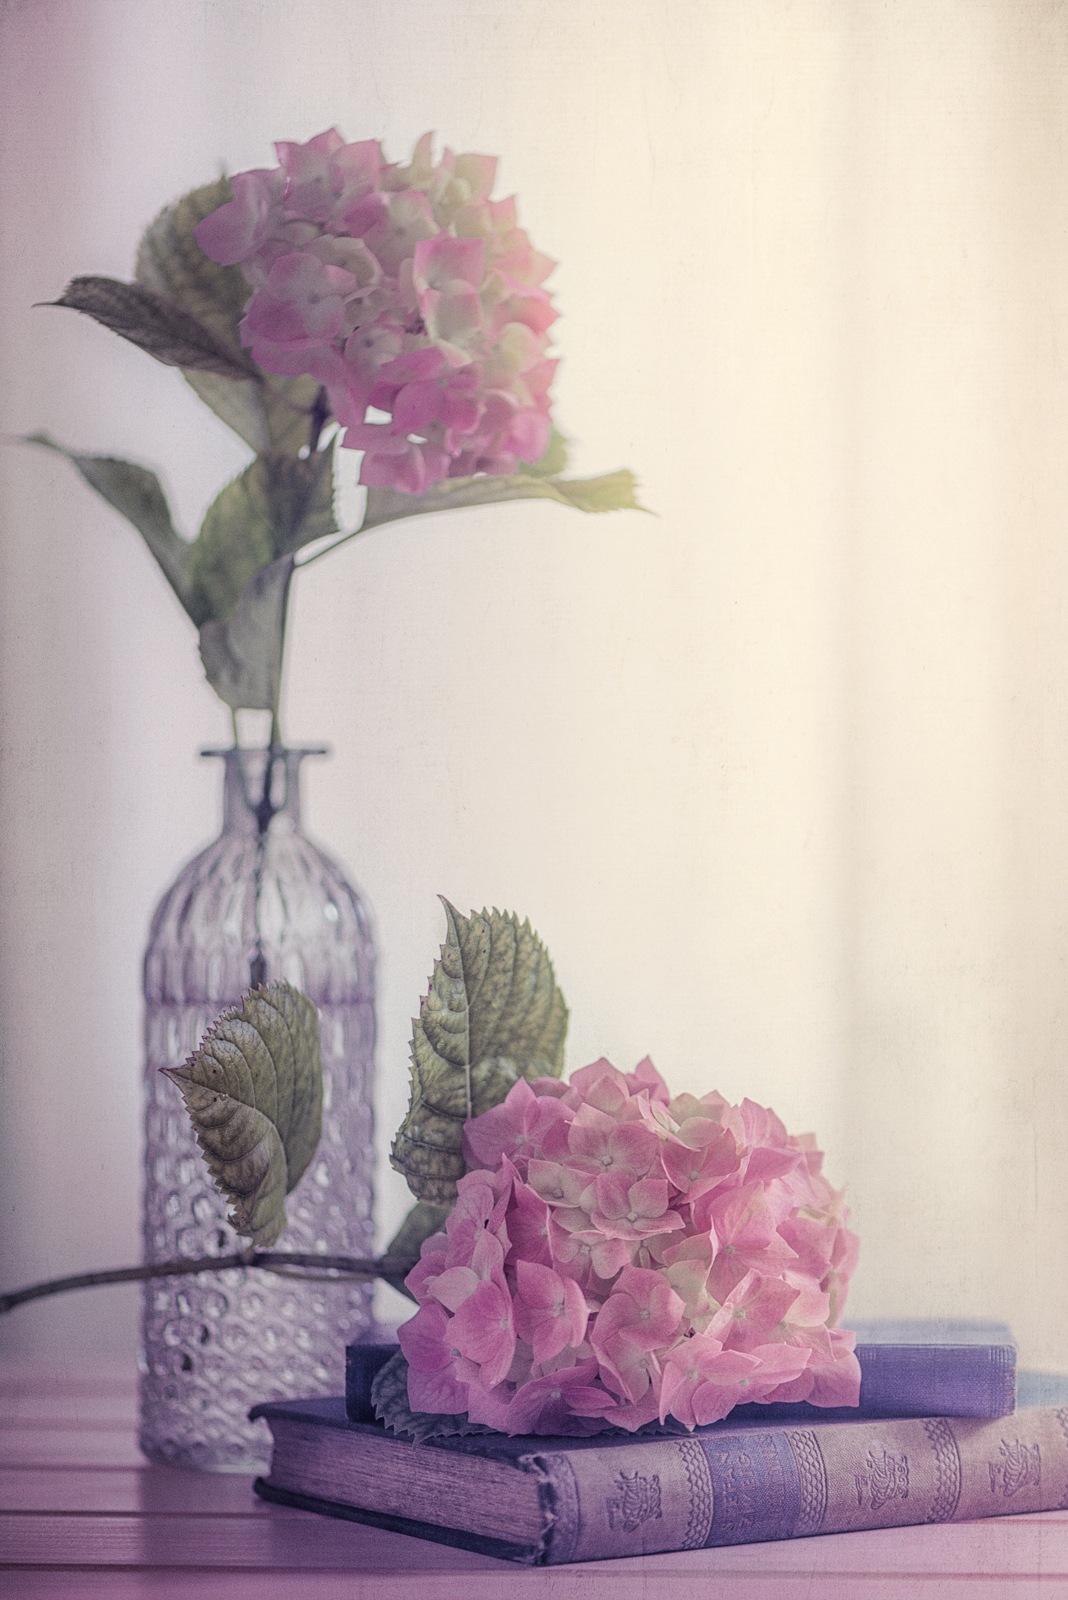 Hydrangea time by Rosana